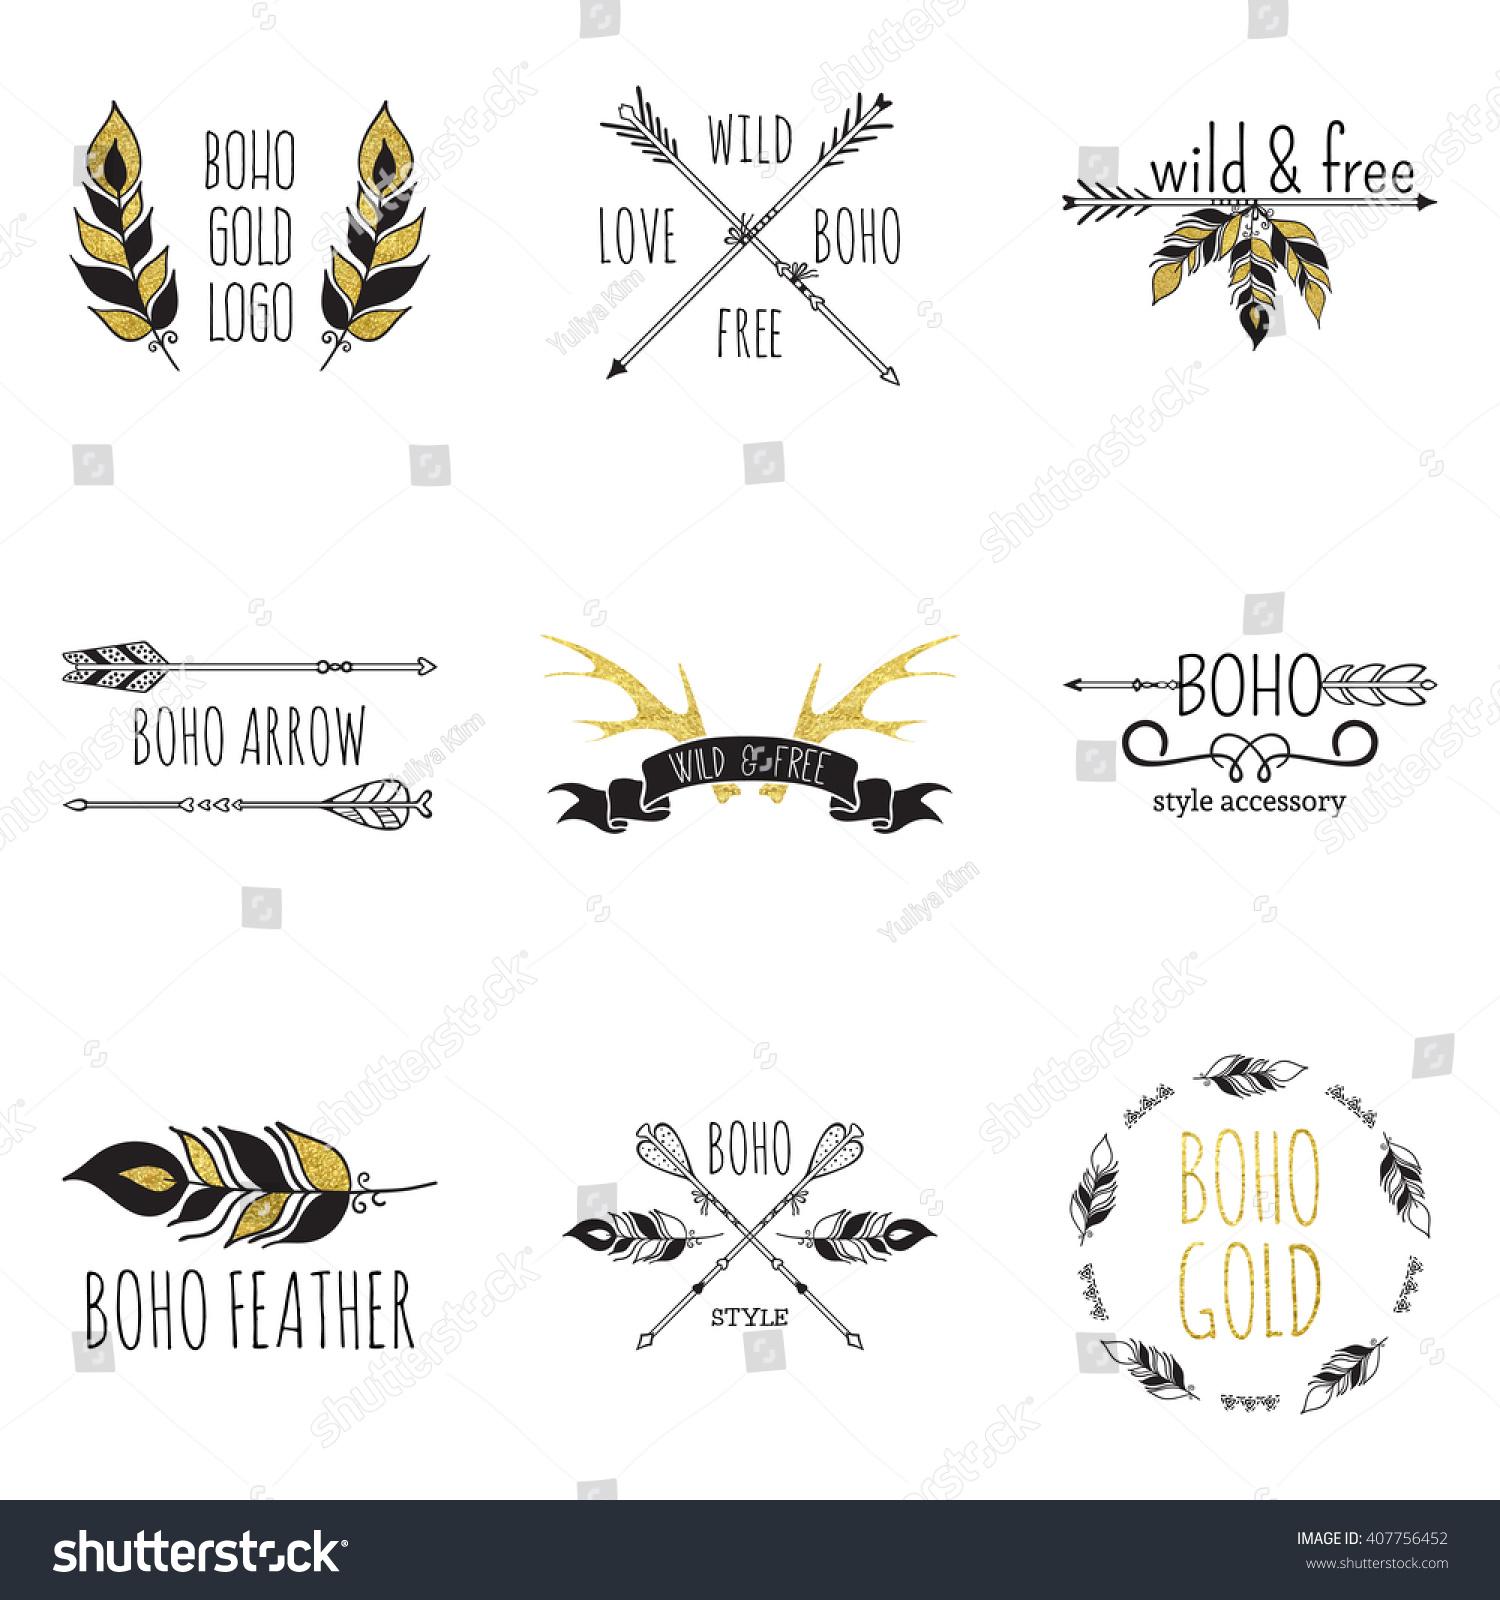 Vector Illustration Boho Logo Collection Bohemian Stock ...